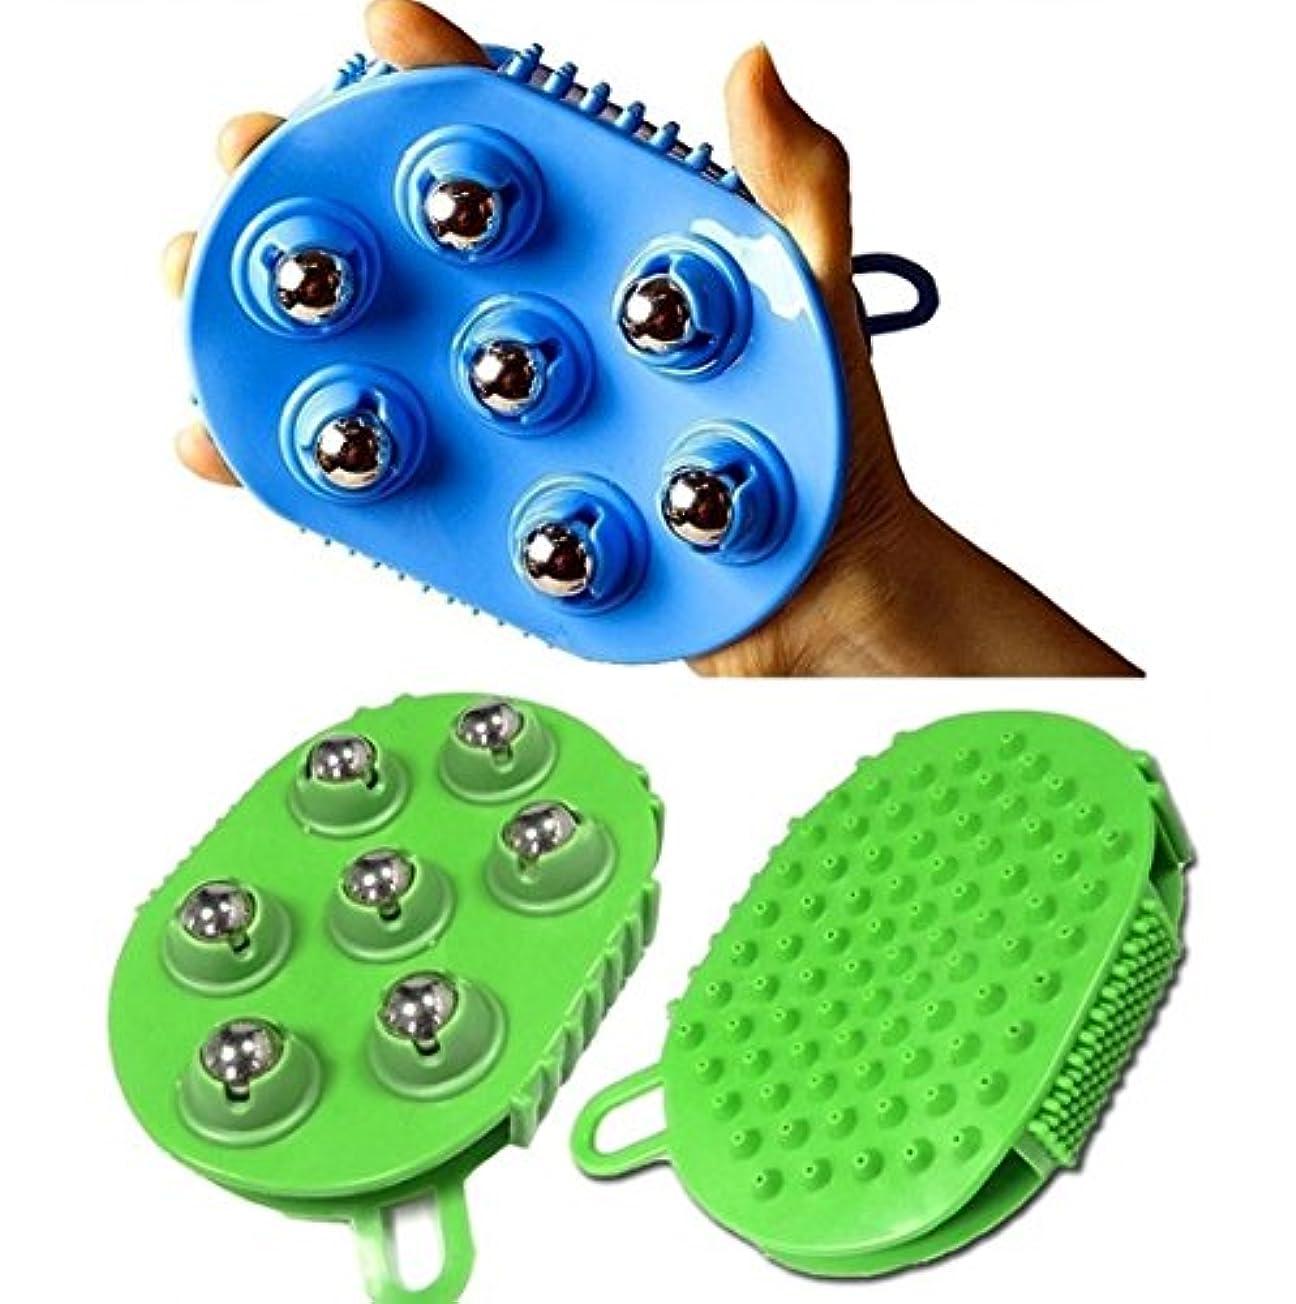 ステンレススチールボールマッサージブラシグローブ7ローリング 360度回転 / Stainless steel Ball Massage Brush Glove 7 Rolling 360 degree rotation...